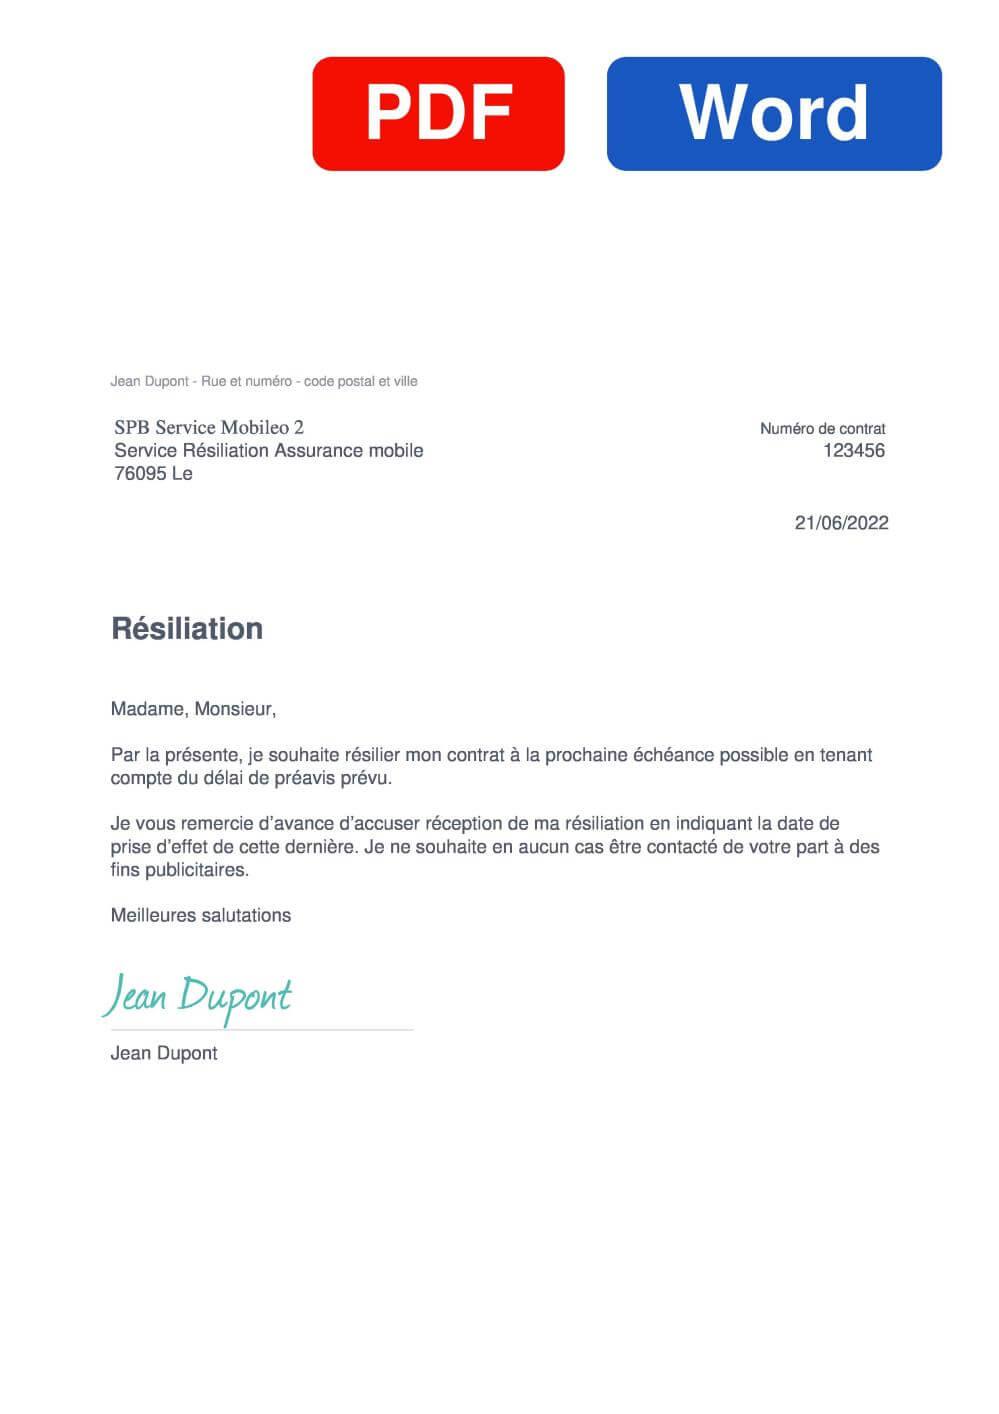 BNP Paribas Mobileo mobile Assurance Modèle de lettre de résiliation